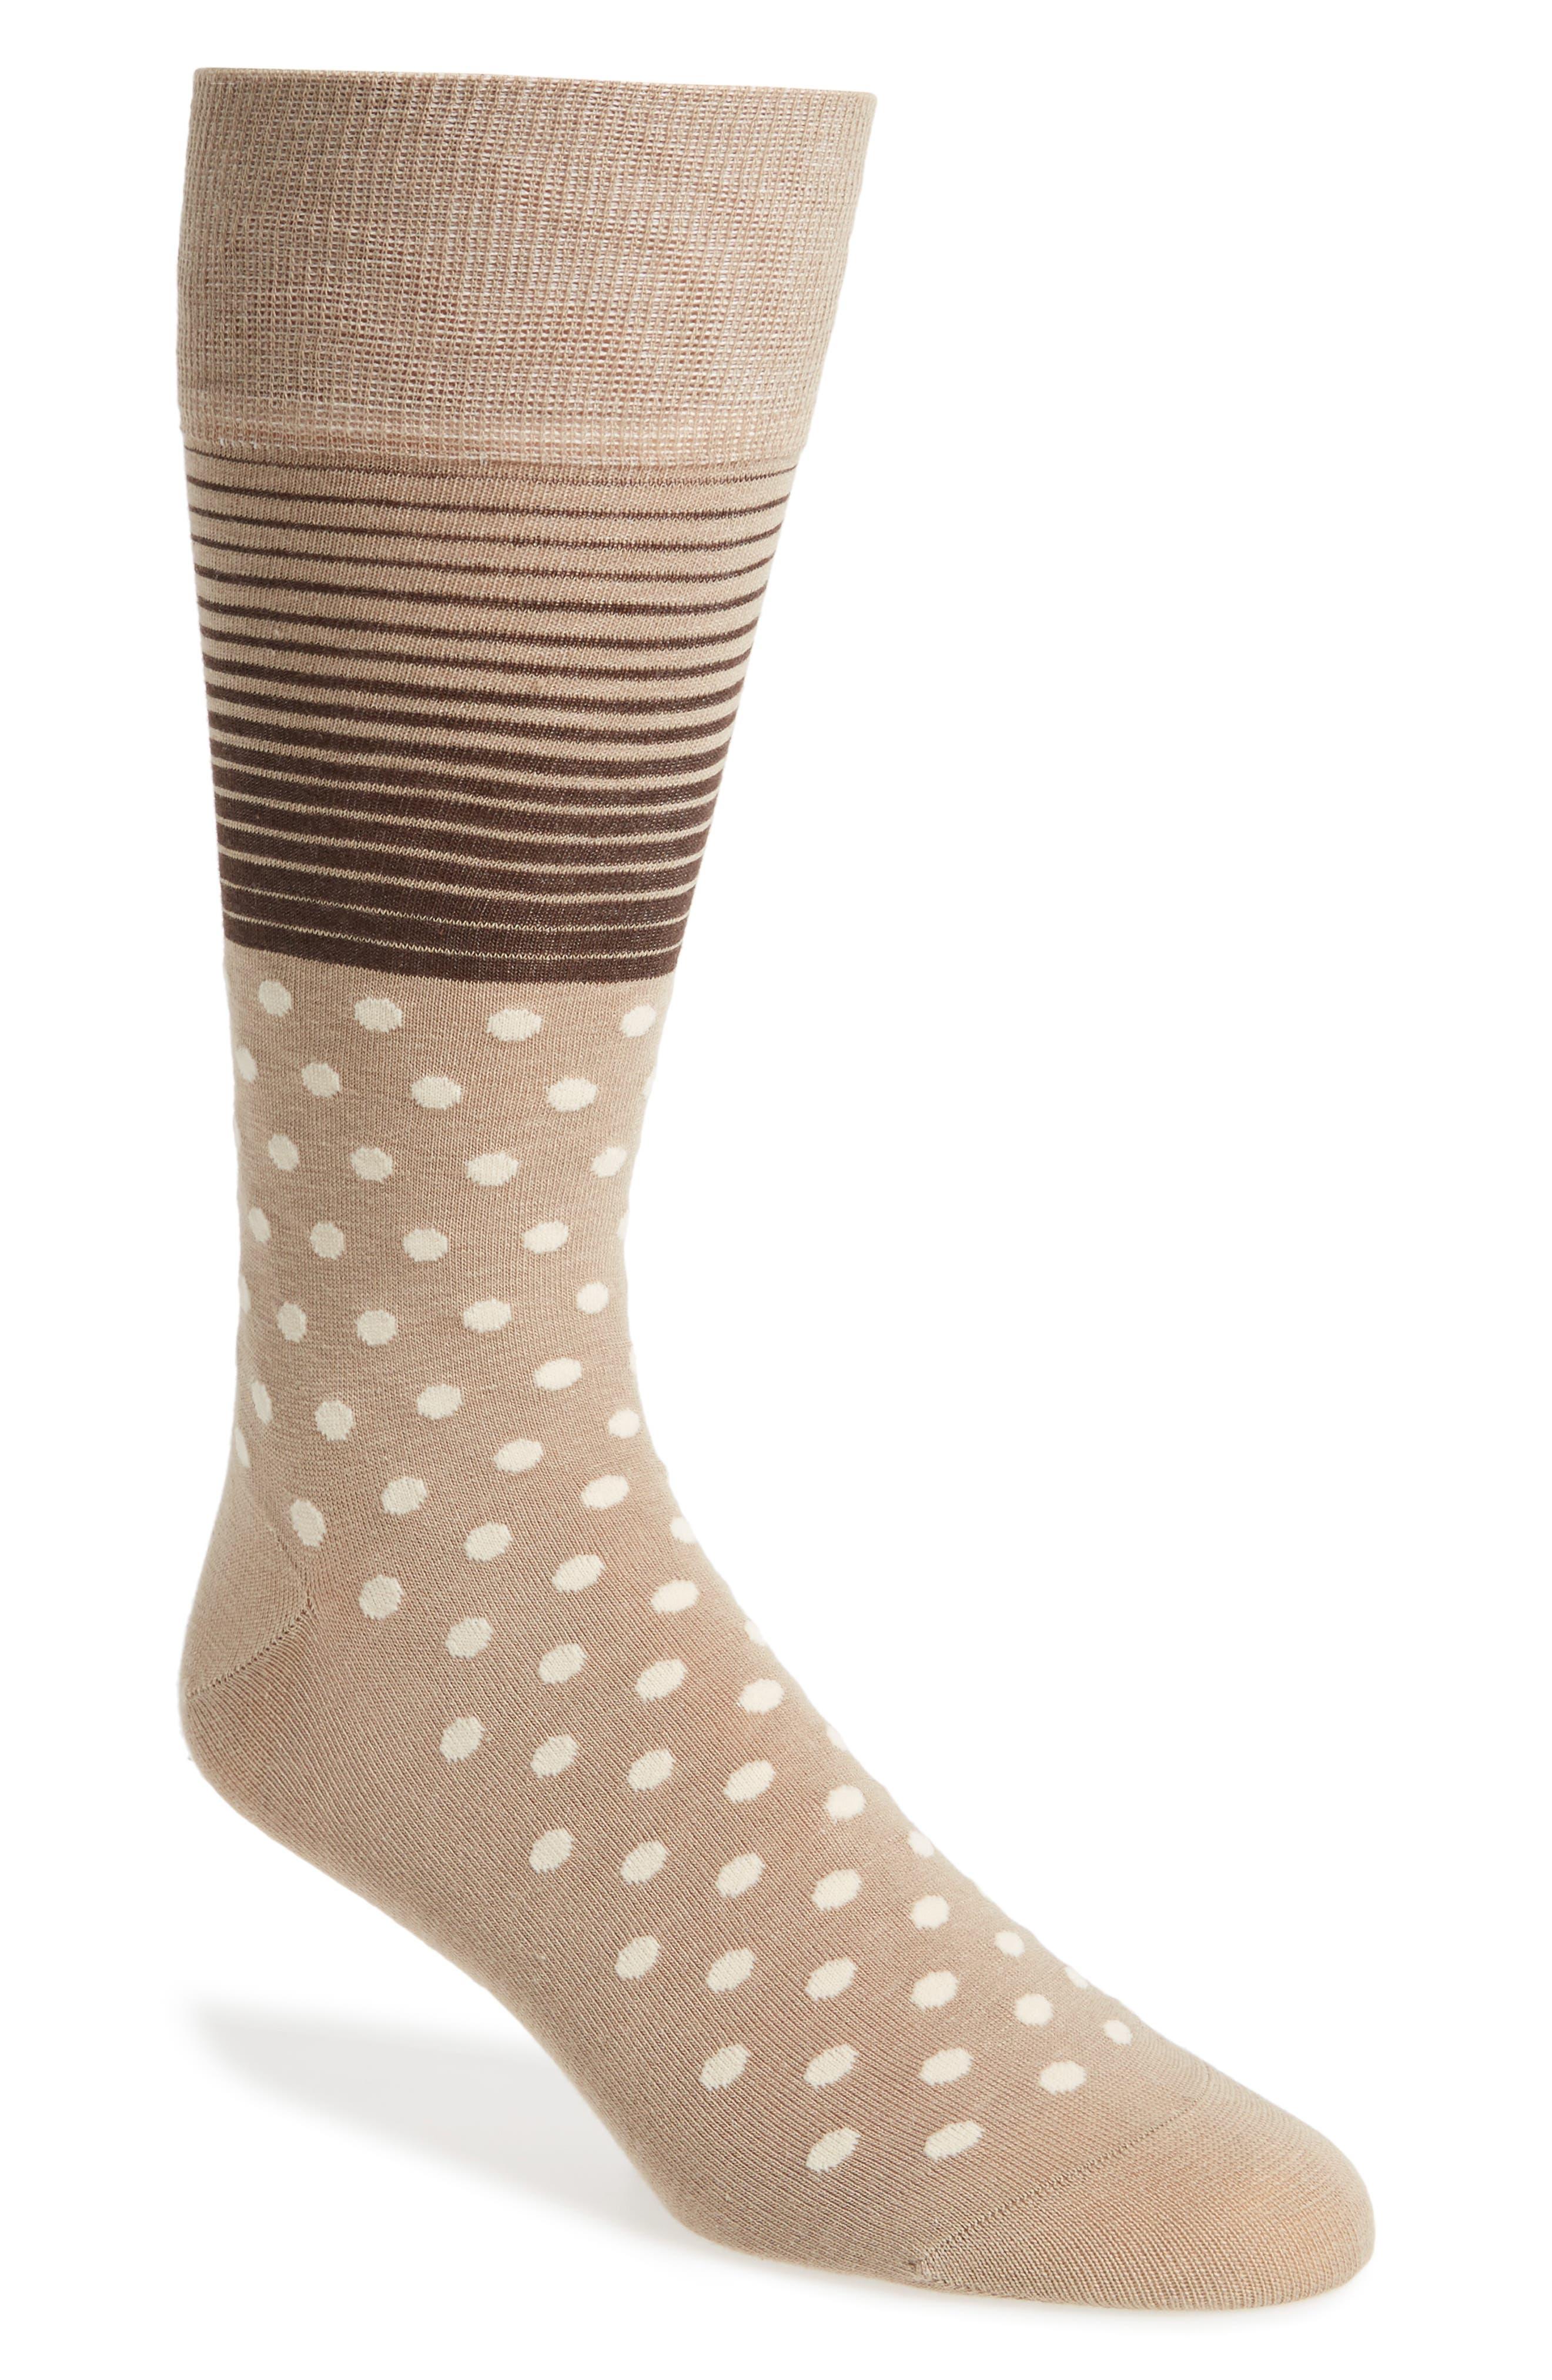 Stripe & Dot Socks,                             Main thumbnail 1, color,                             Dune